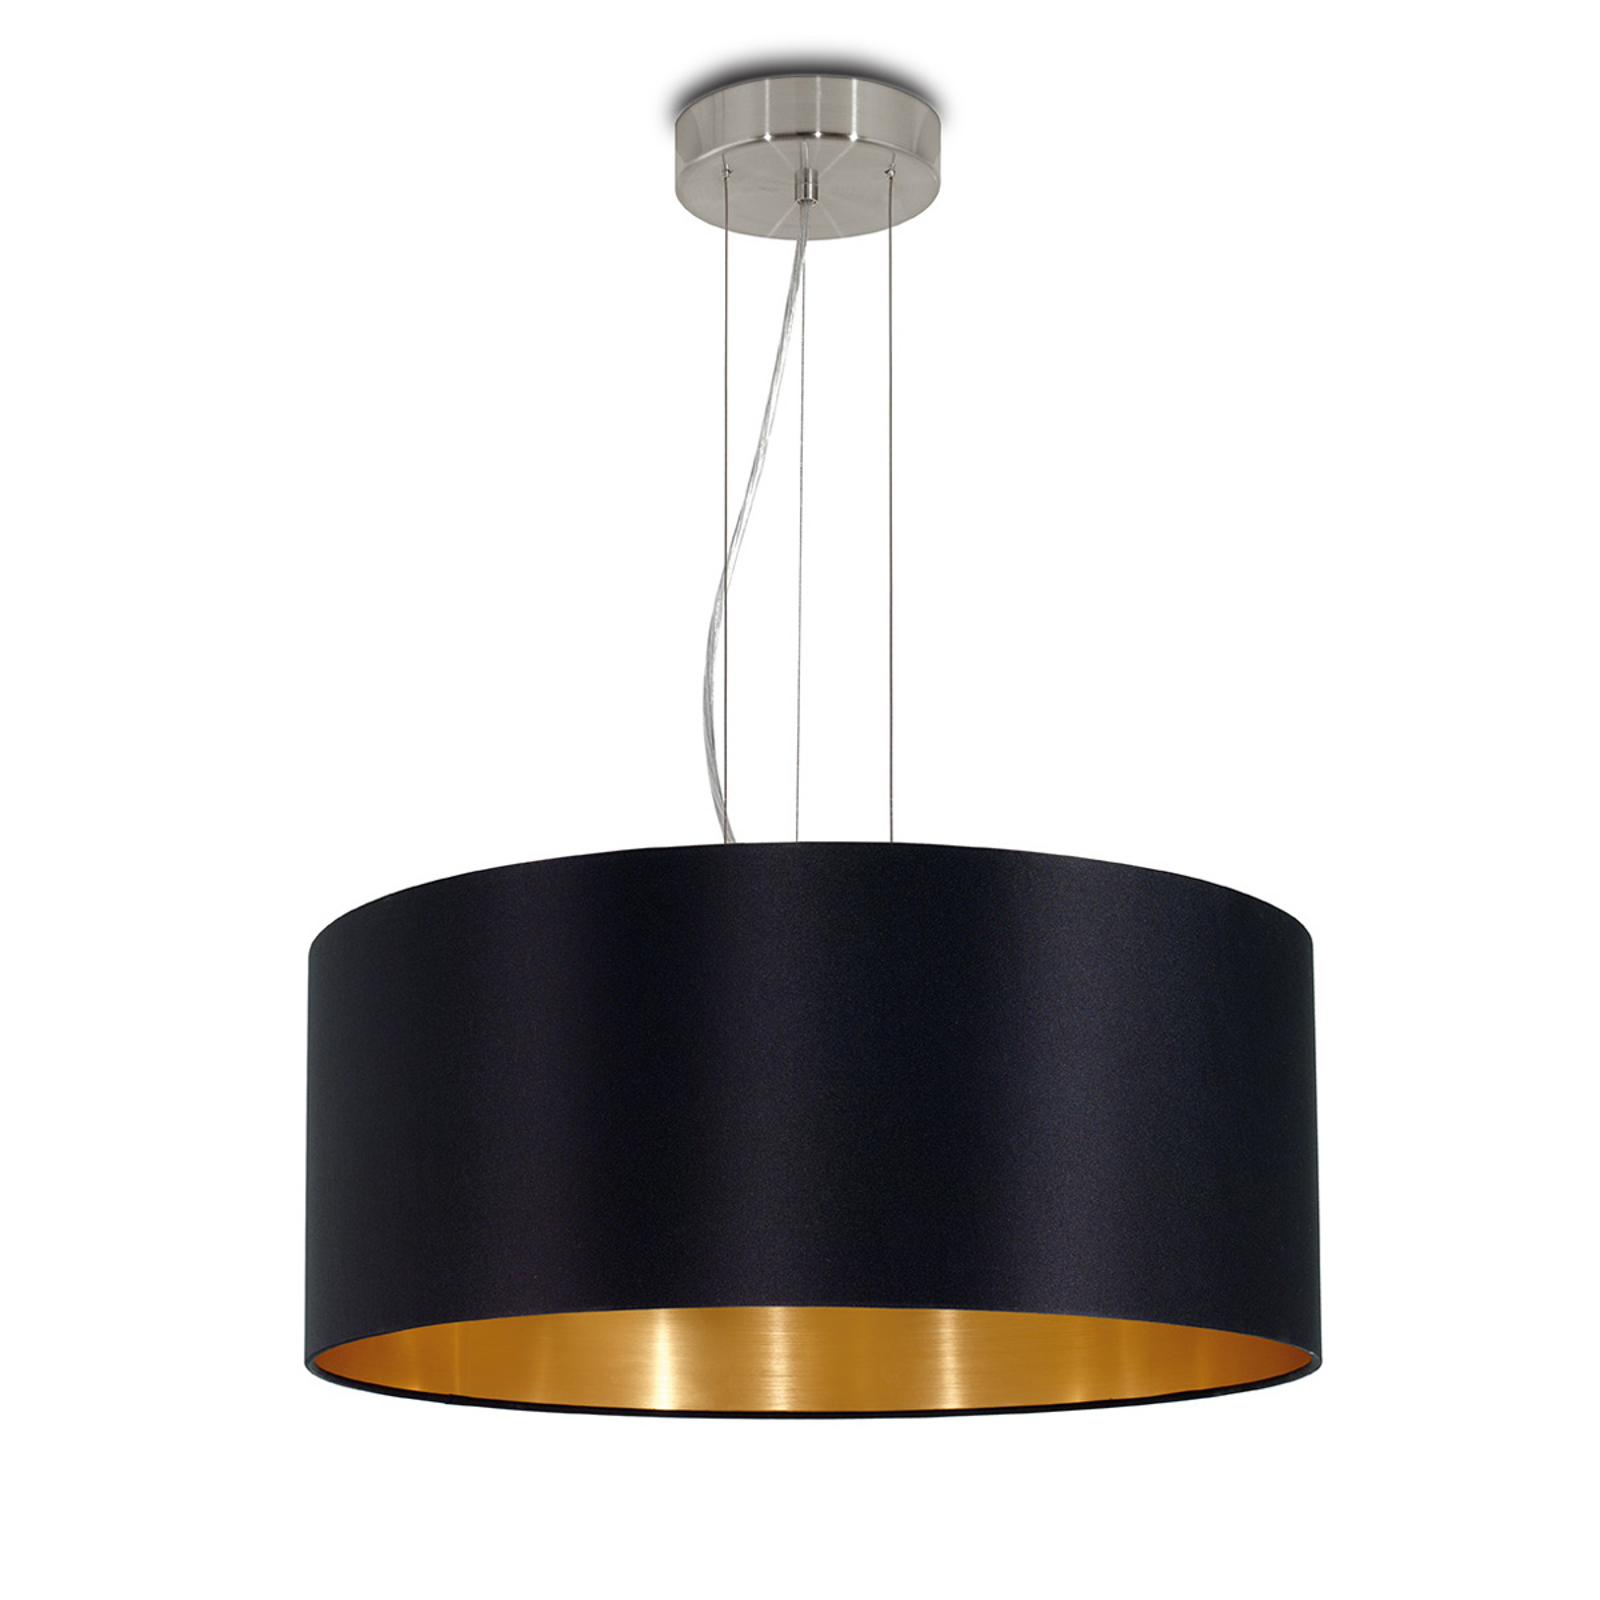 Textilní závěsné světlo Lecio, 53 cm, černé